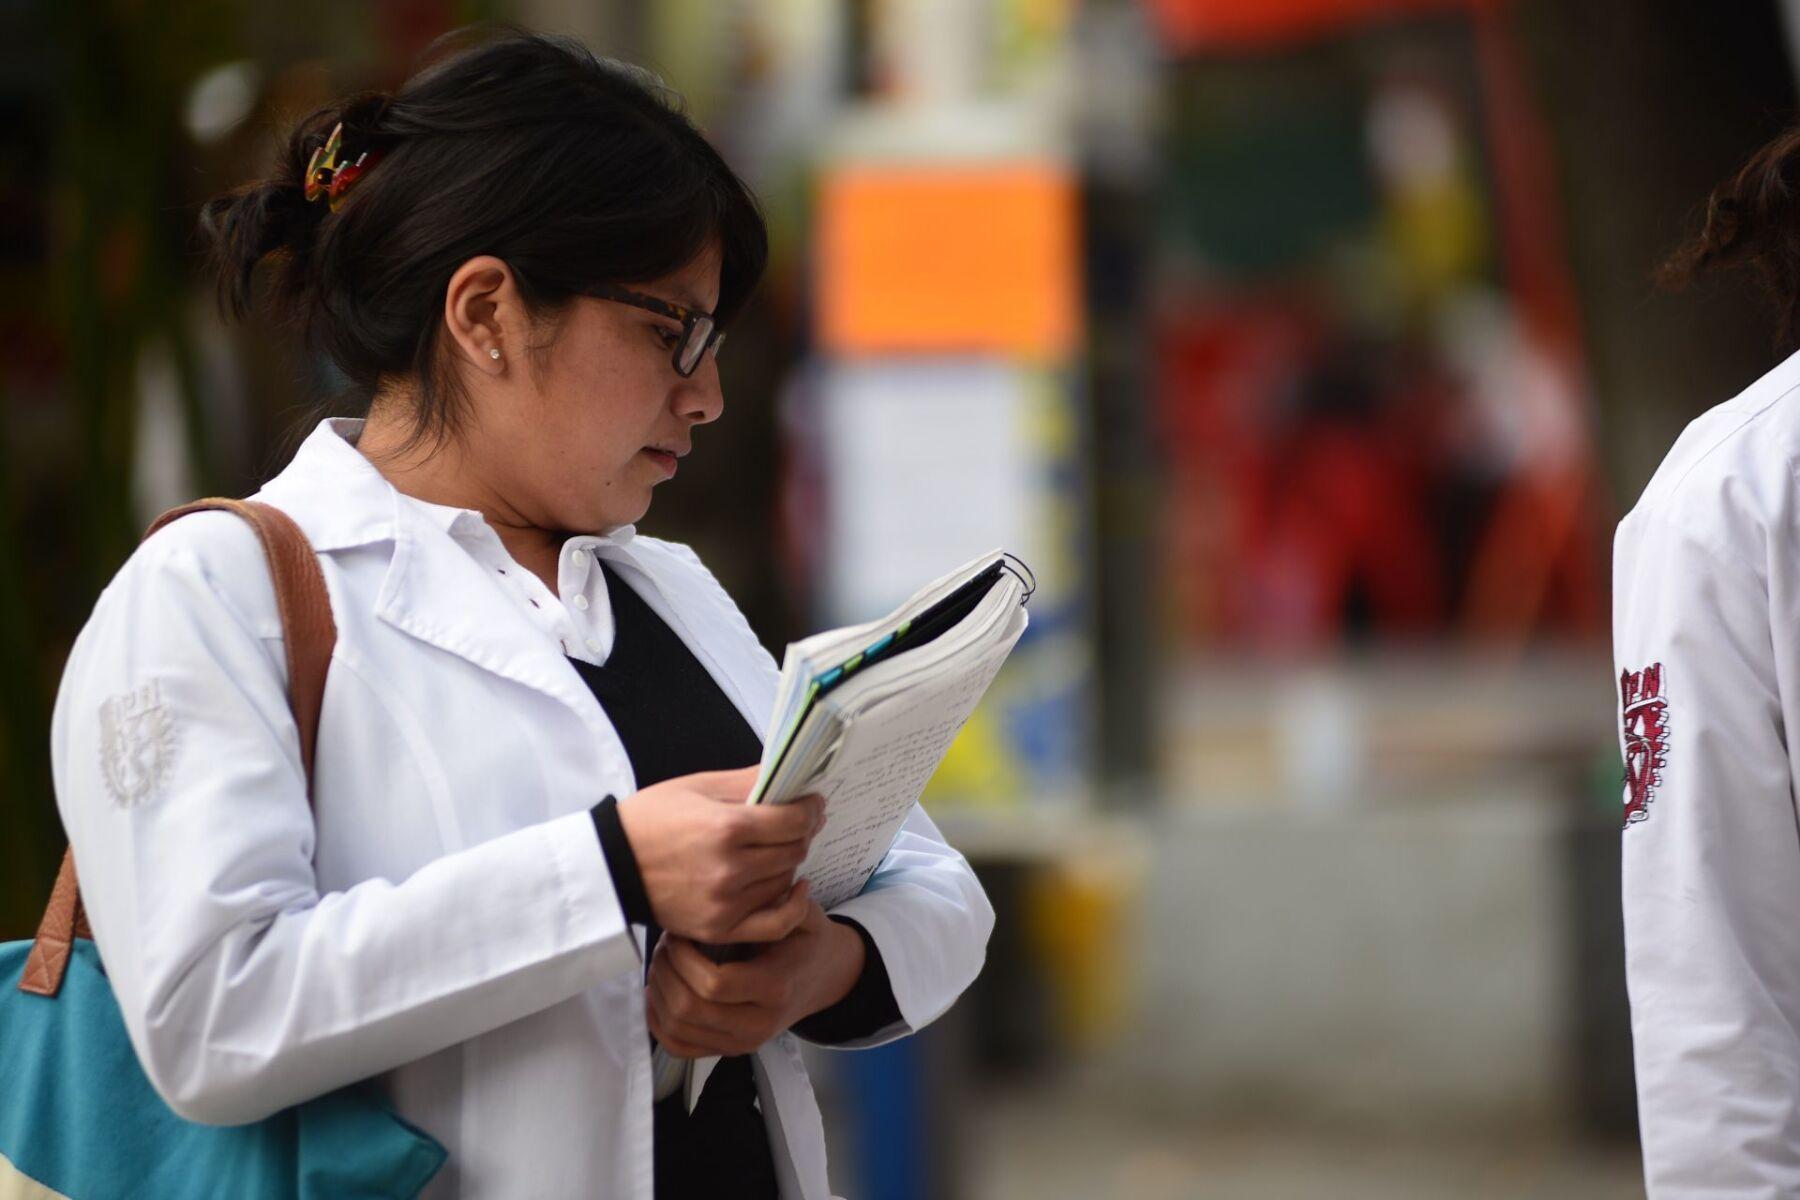 MÉXICO, D.F., 15DICIEMBRE2014.- Las escuelas de medicina del Instituto Politécnico Nacional reanudaron clases el día de hoy, por la huelga de más de 2 meses por la modificación a los planes de estudio. Estudiantes, maestros y personal administrativo retomaron sus actividades a las 7 de la mañana. El resto de las escuelas retomarán clases el 7 de enero.  FOTO: ISABEL MATEOS /CUARTOSCURO.COM